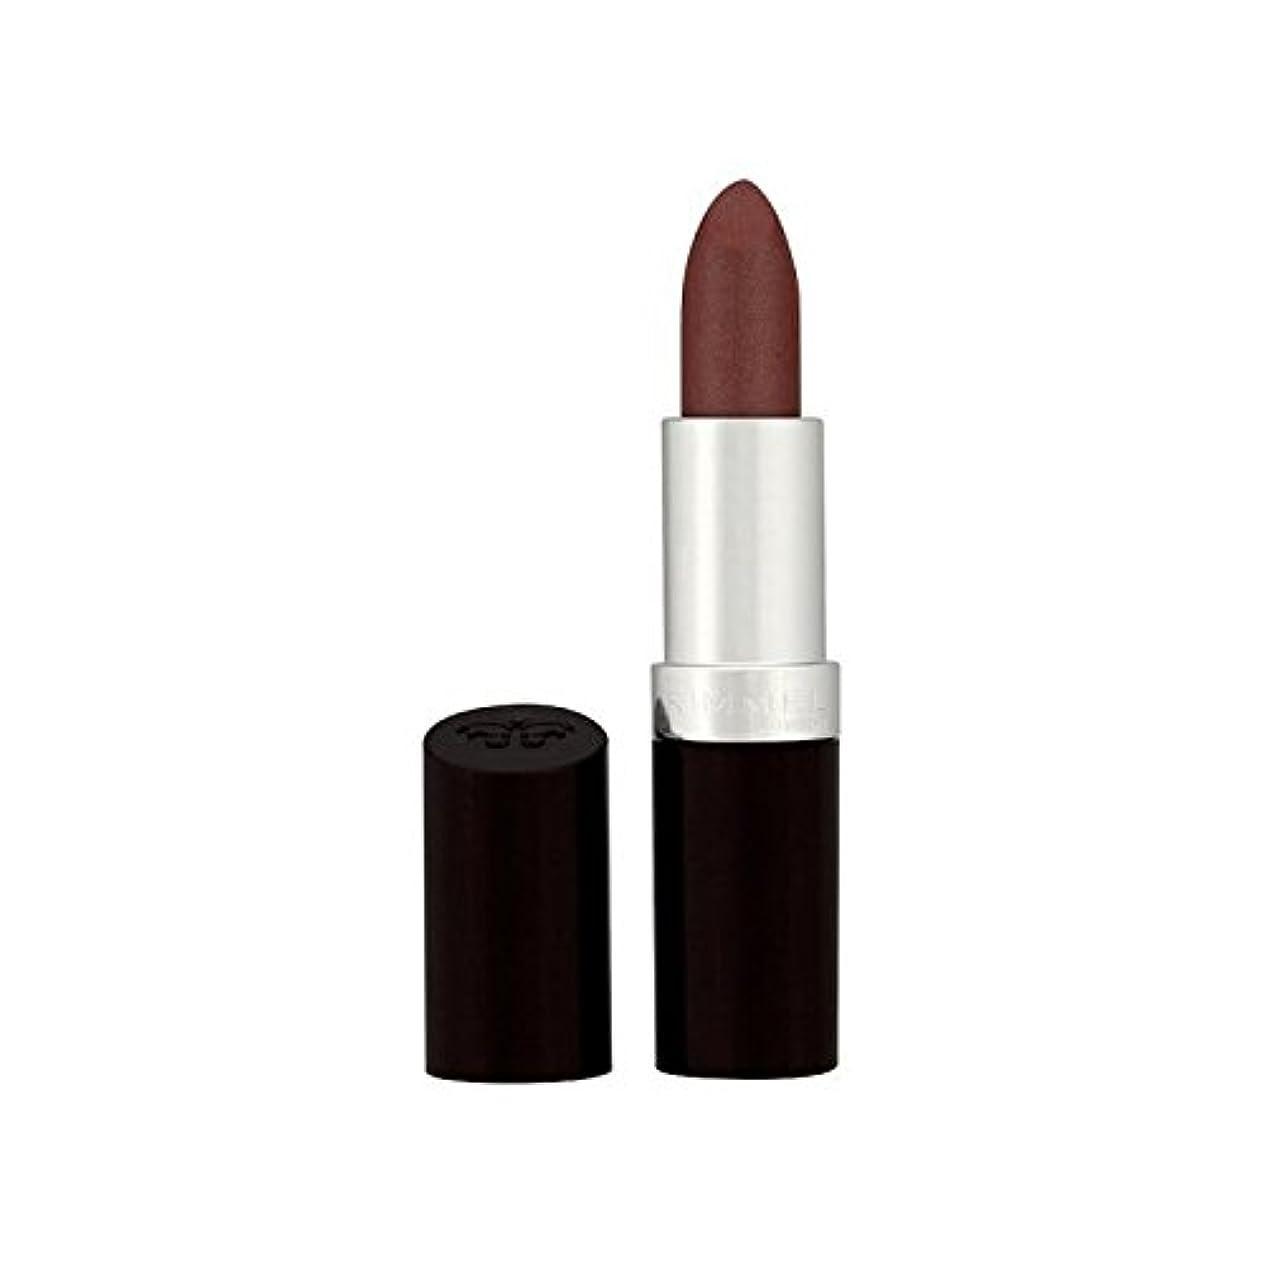 傭兵下位共和党リンメル持続的な仕上がりのリップスティックコーヒーきらめき264 x2 - Rimmel Lasting Finish Lipstick Coffee Shimmer 264 (Pack of 2) [並行輸入品]